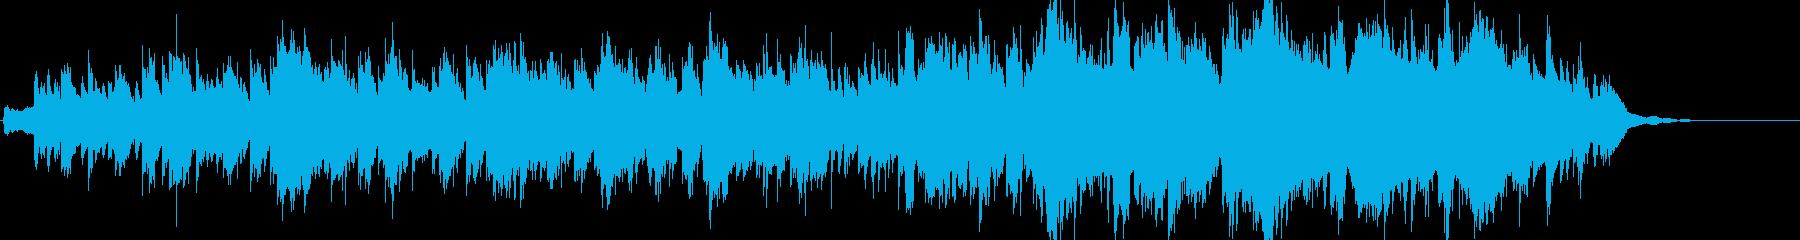 オーケストラ楽器。深刻で劇的な配信...の再生済みの波形